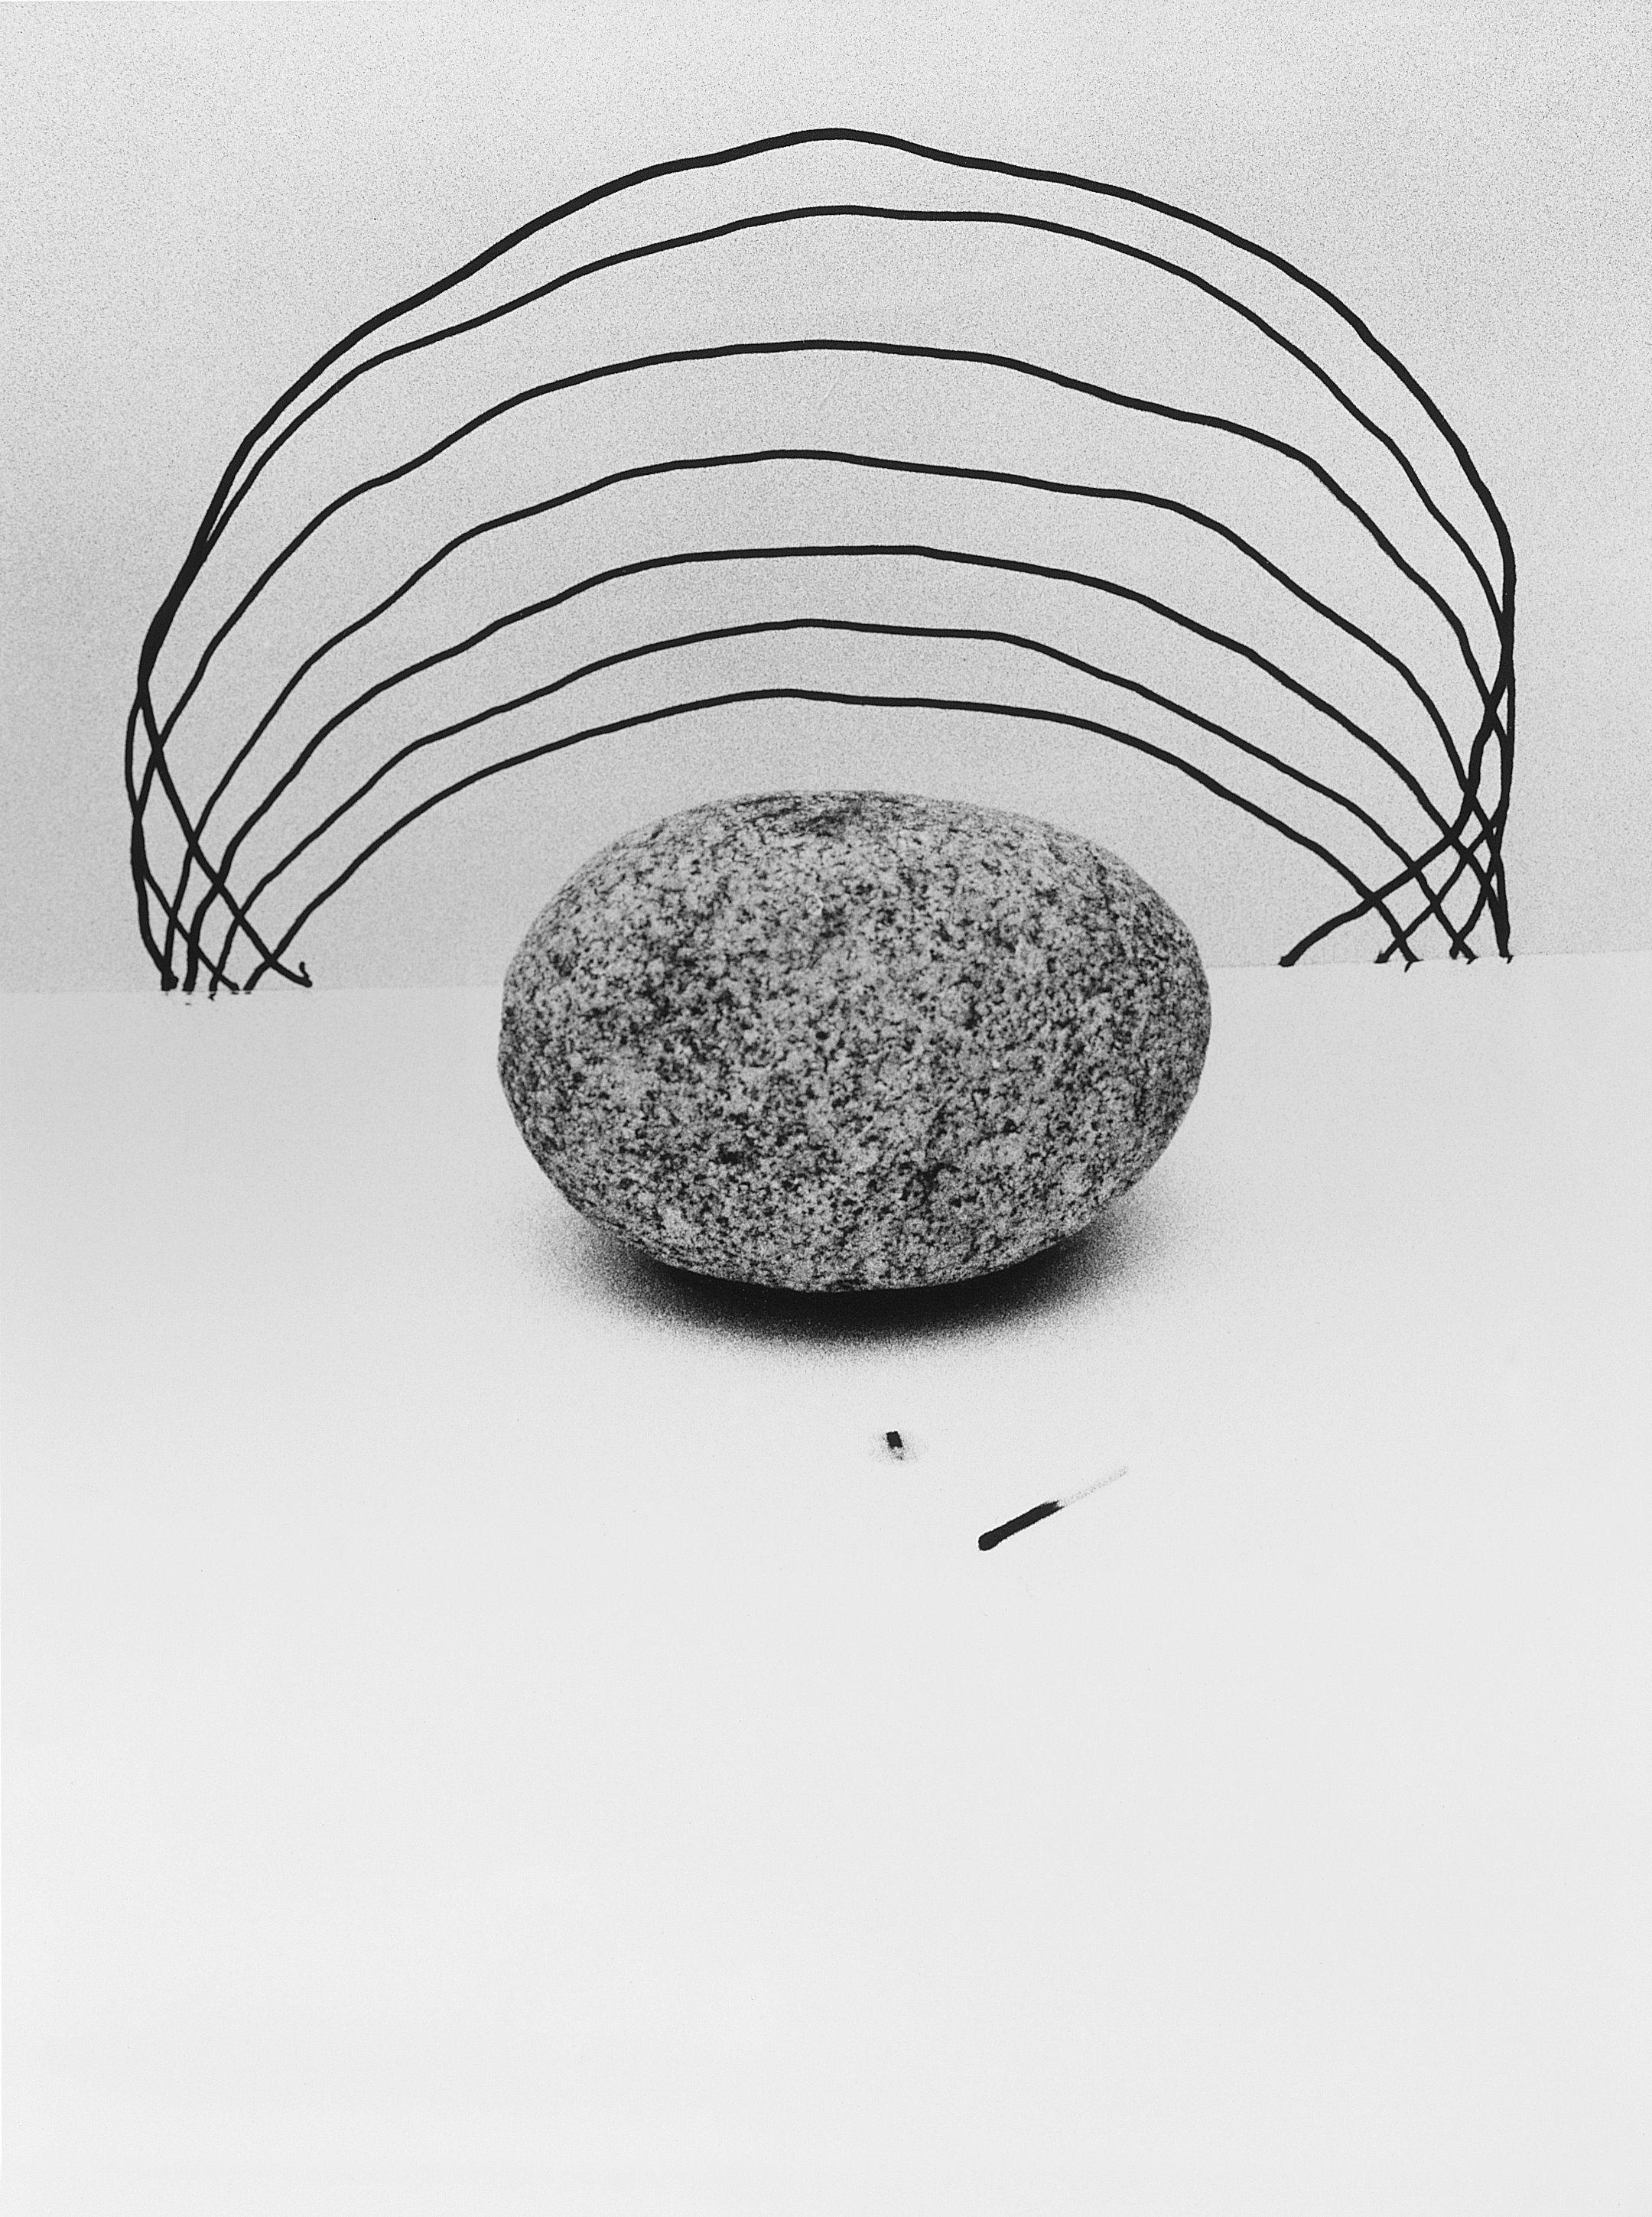 Zygmunt Rytka, Obiekty chwilowe. Projekt transformacji, 1987, fot. Zygmunt Rytka (dzięki uprzejmości autora)